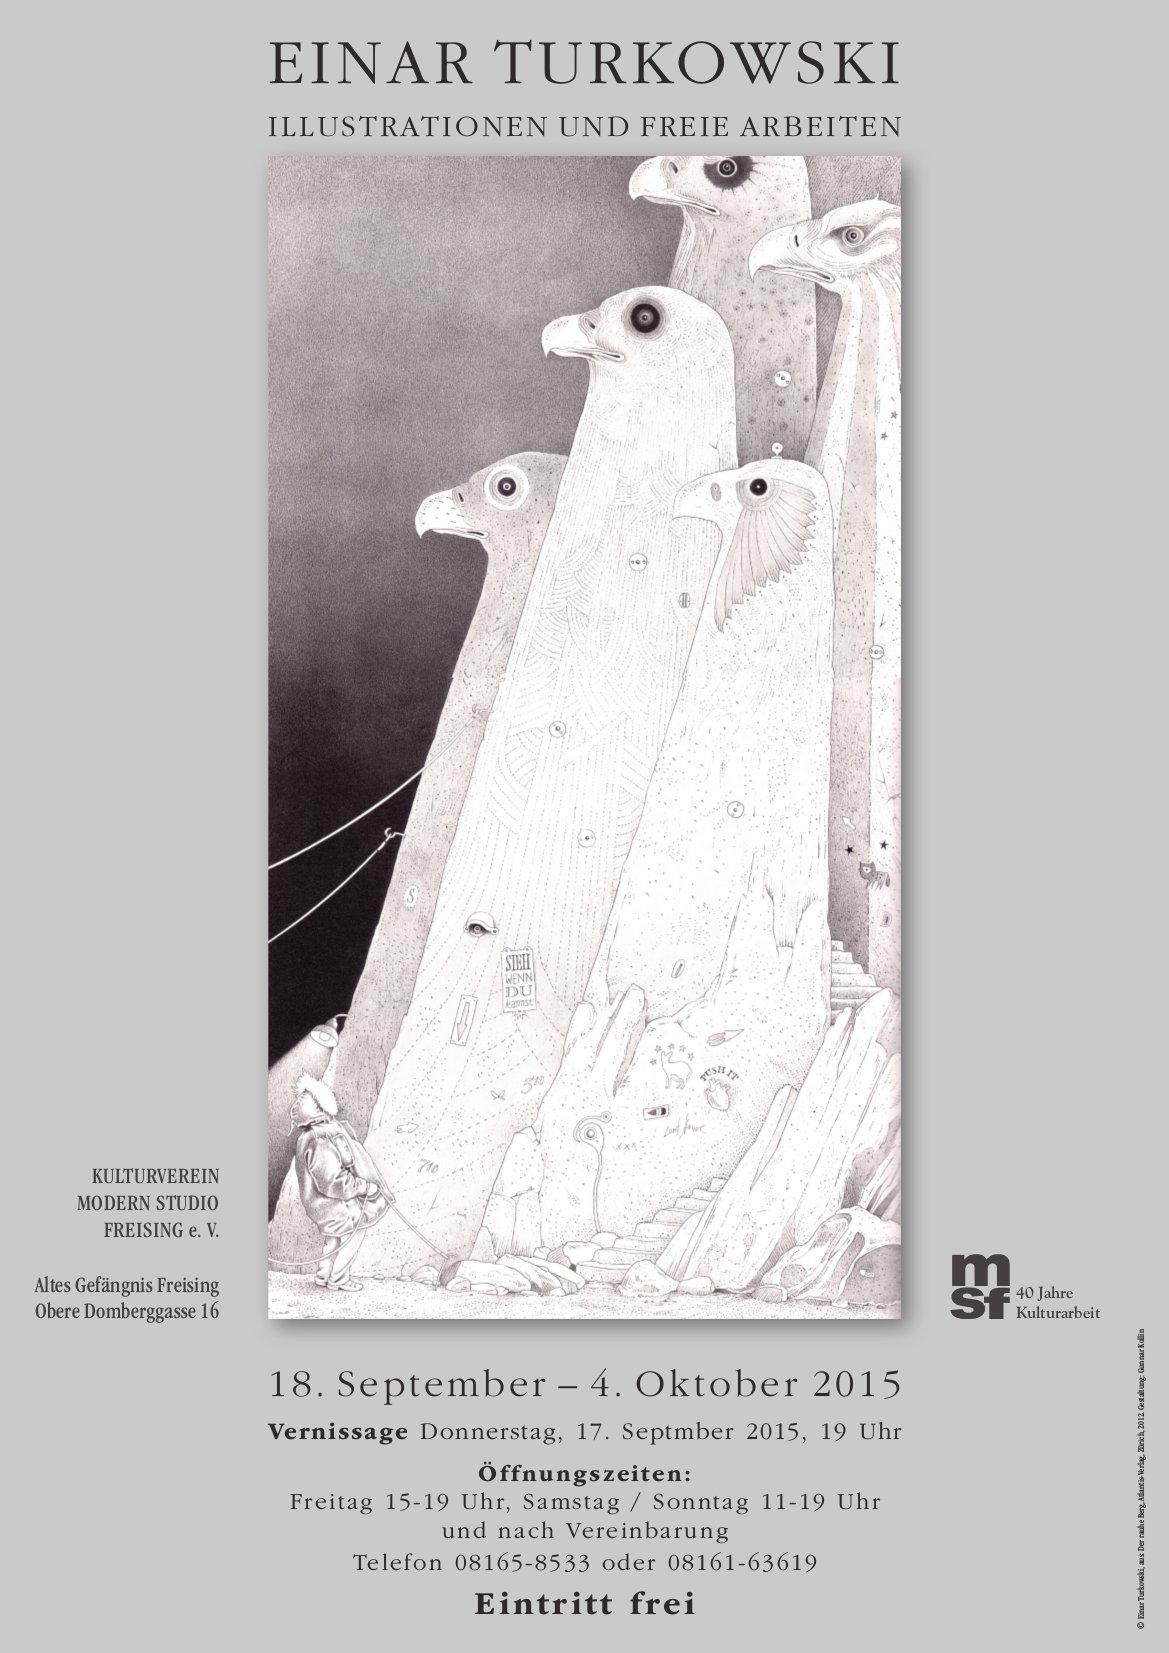 Einar Turkowski Ausstellung 2015 Freising